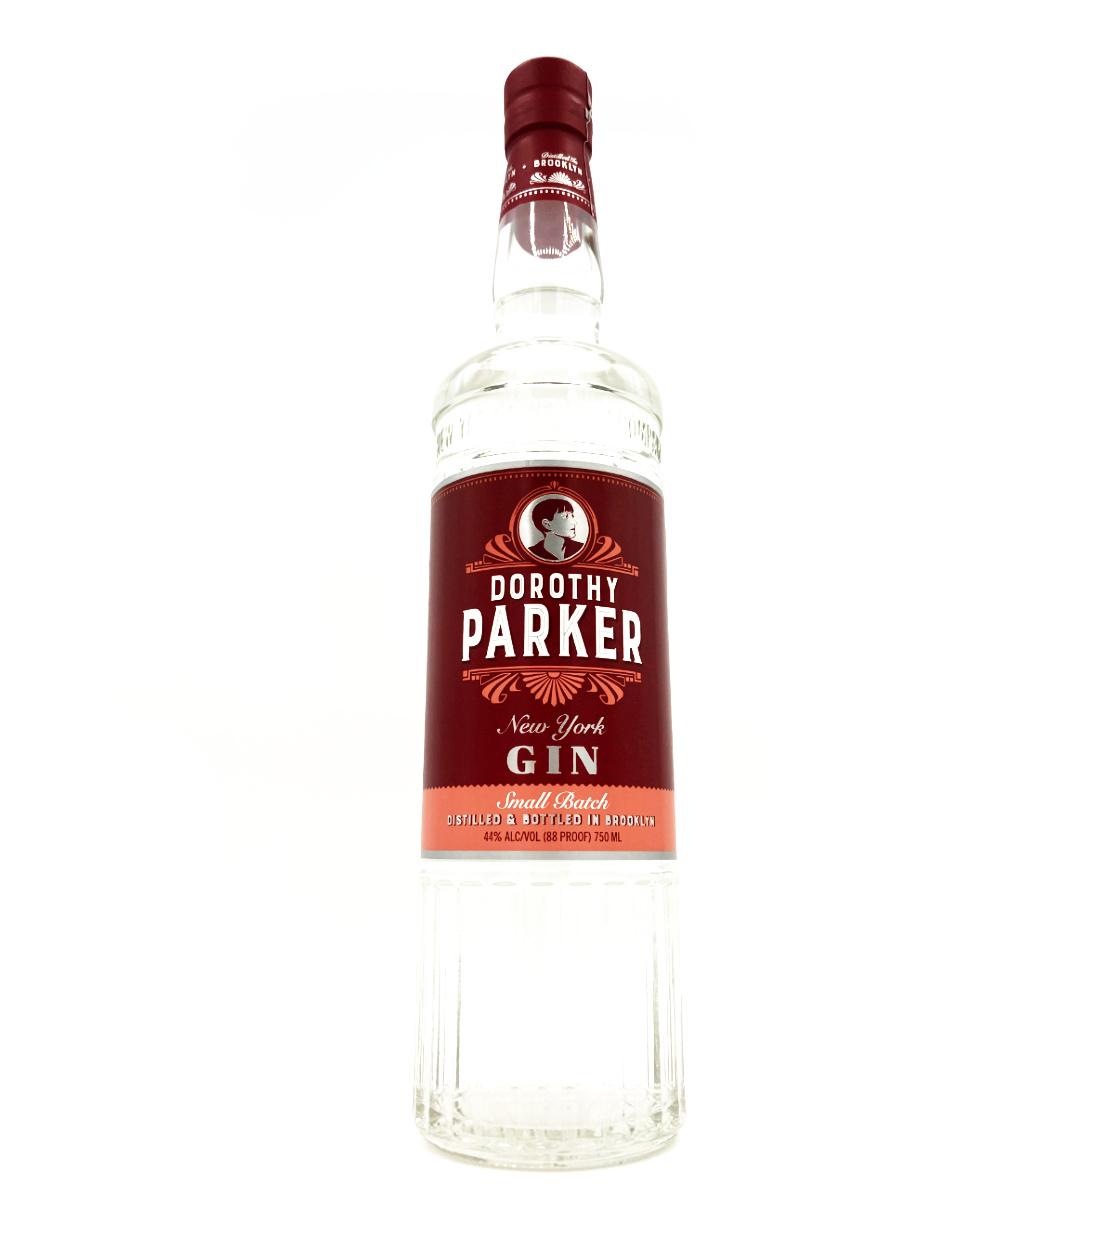 Dorothy Parker Gin NY Distilling